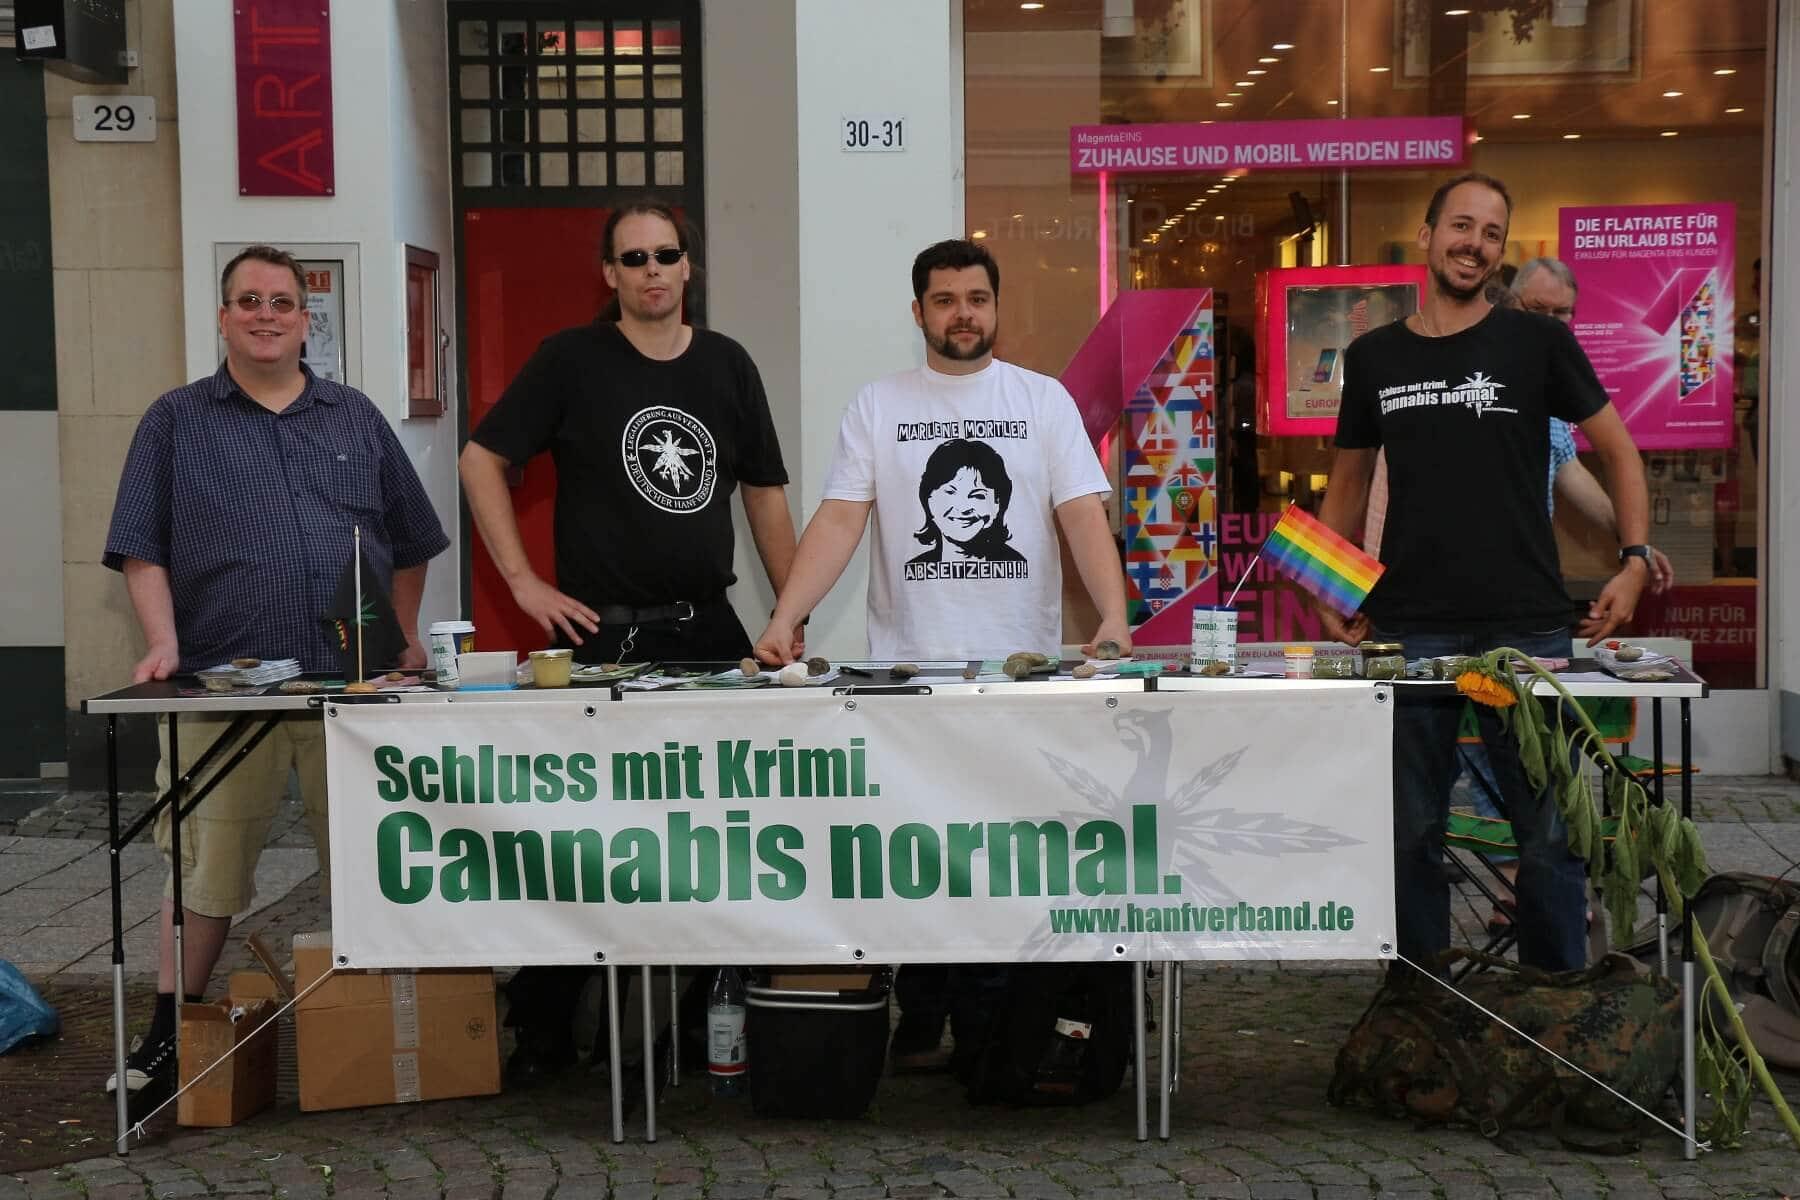 Von Links nach Rechts, Markus Strotmann, Robert Brungert, Dominique Sarres und Micha Greif